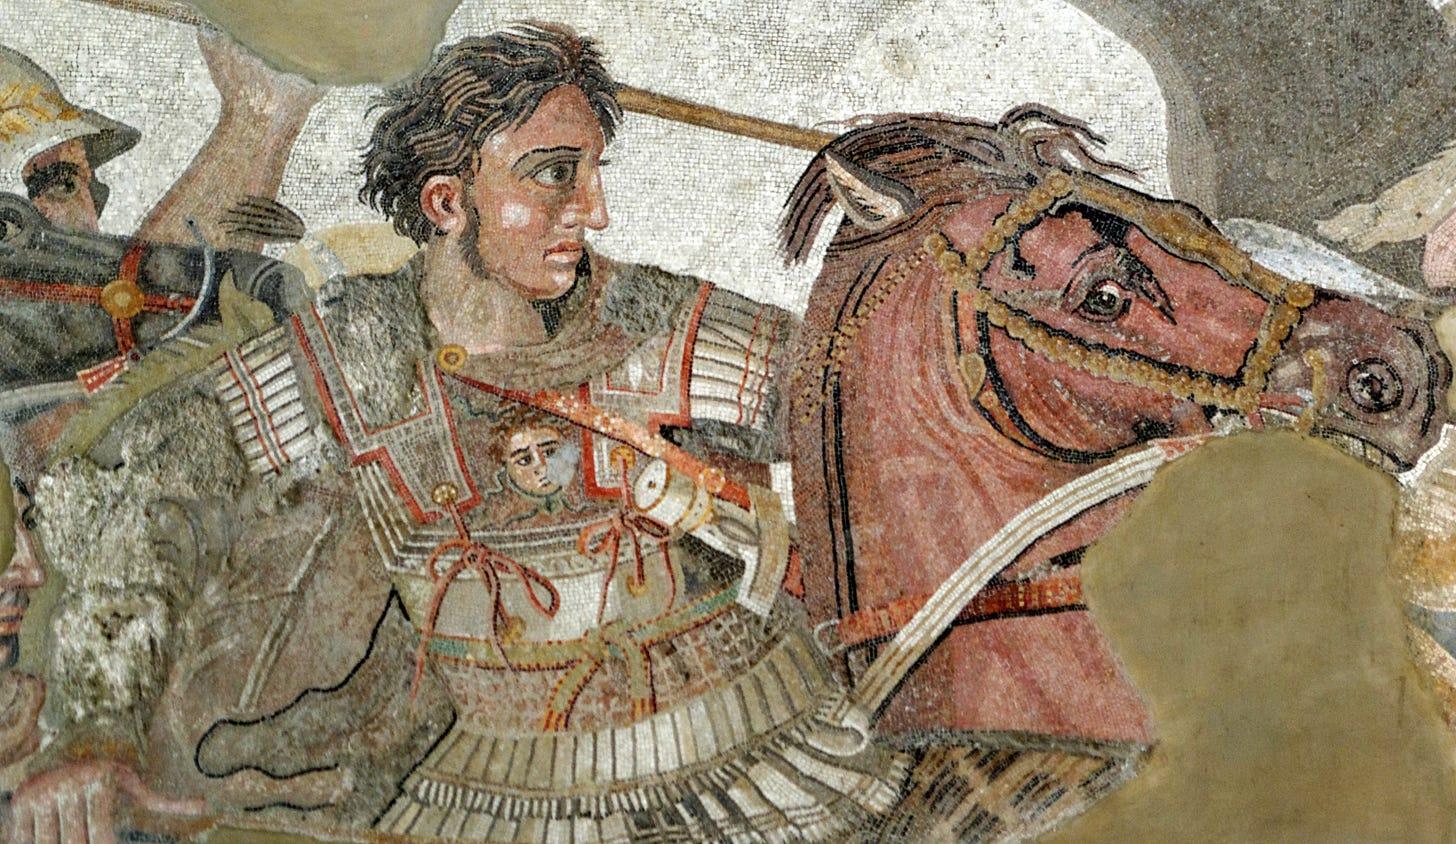 Chi ha ucciso Alessandro Magno? Le principali teorie sulla sua morte